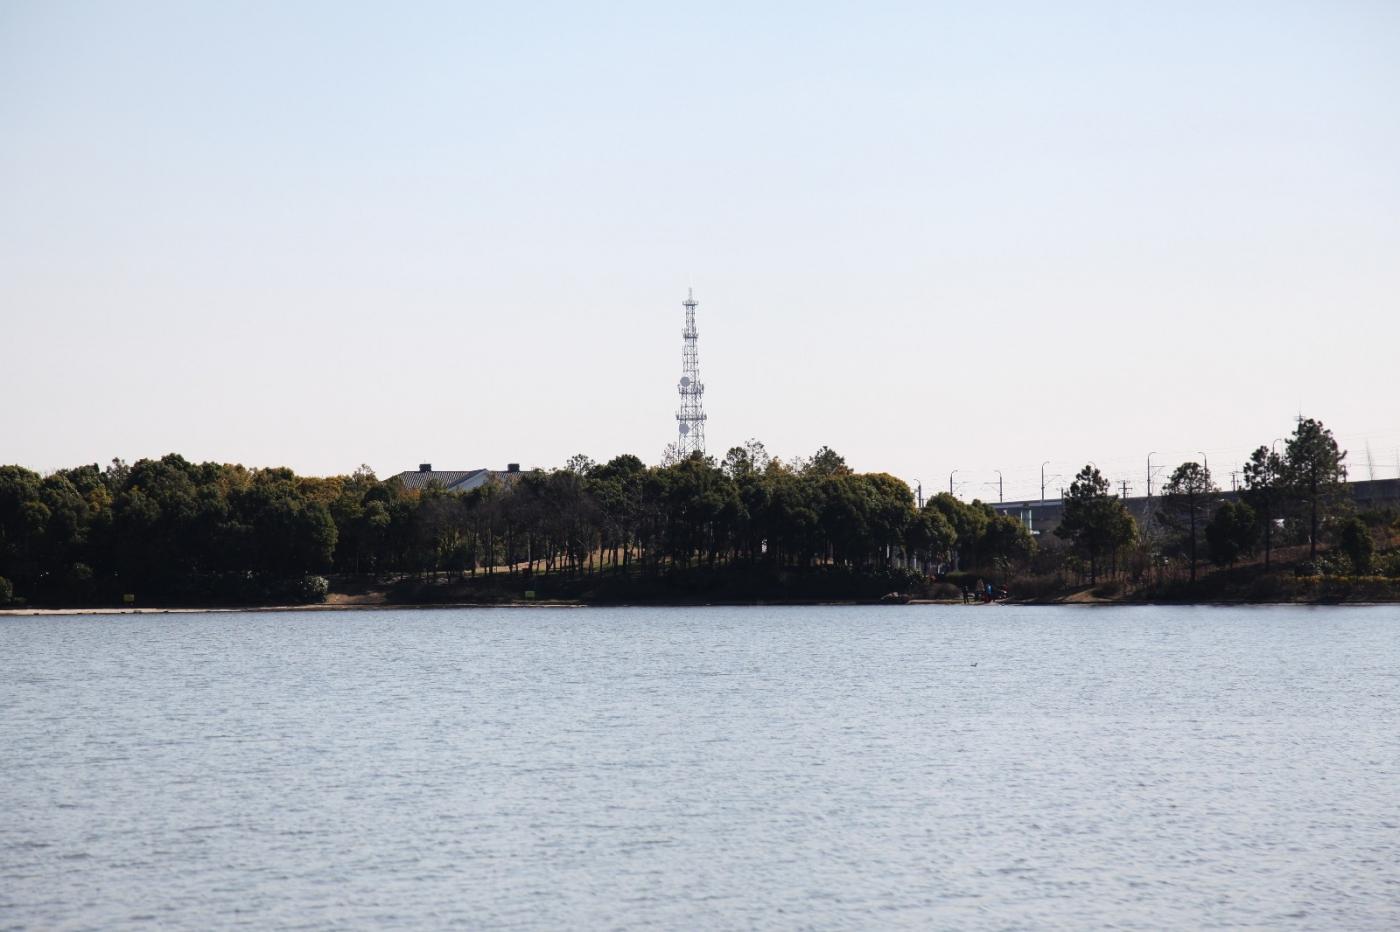 重游美兰湖,风景更优美!_图1-6